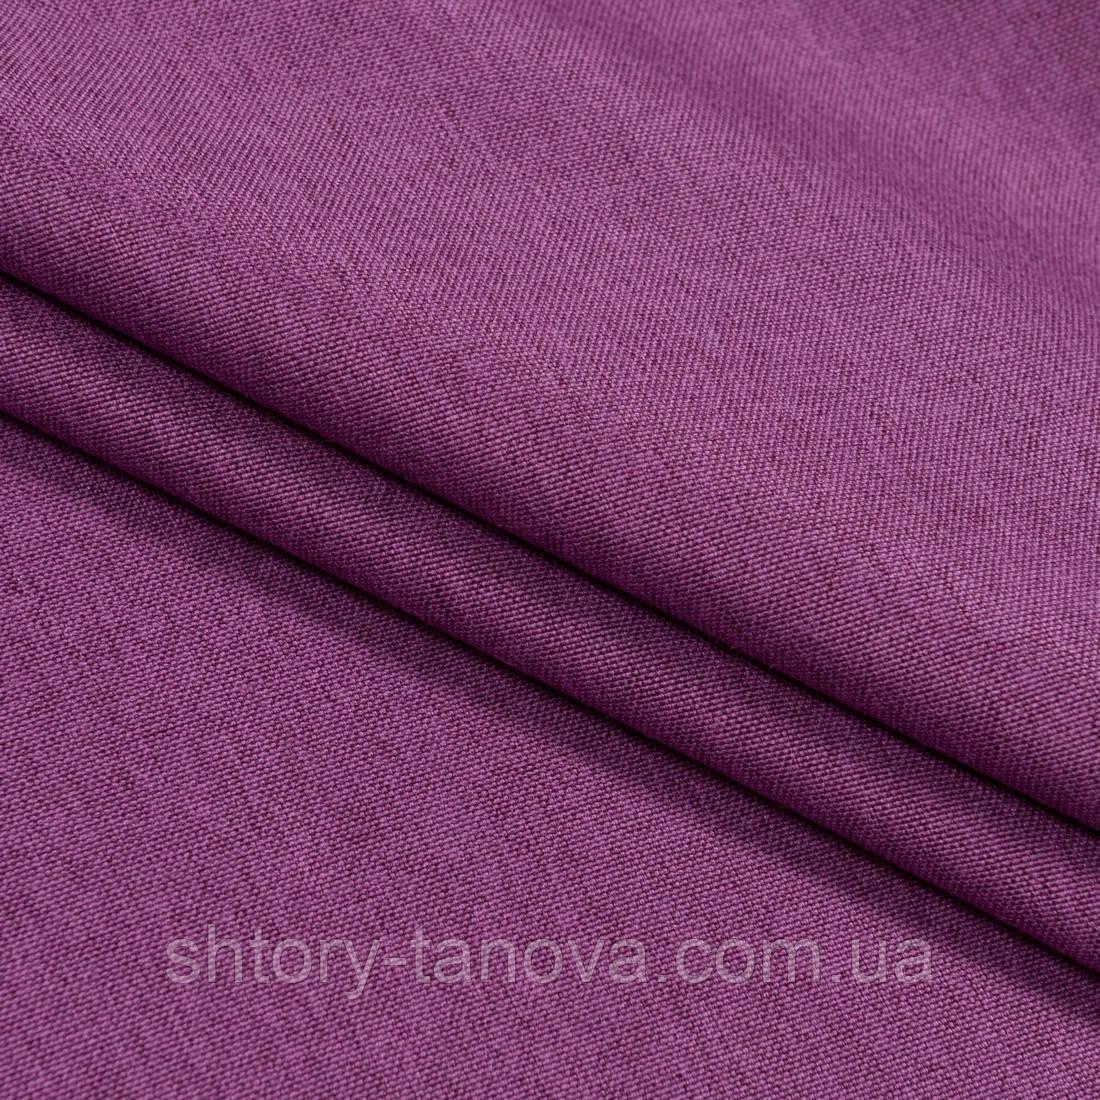 Декоративна тканина щільна рогожка фуксія